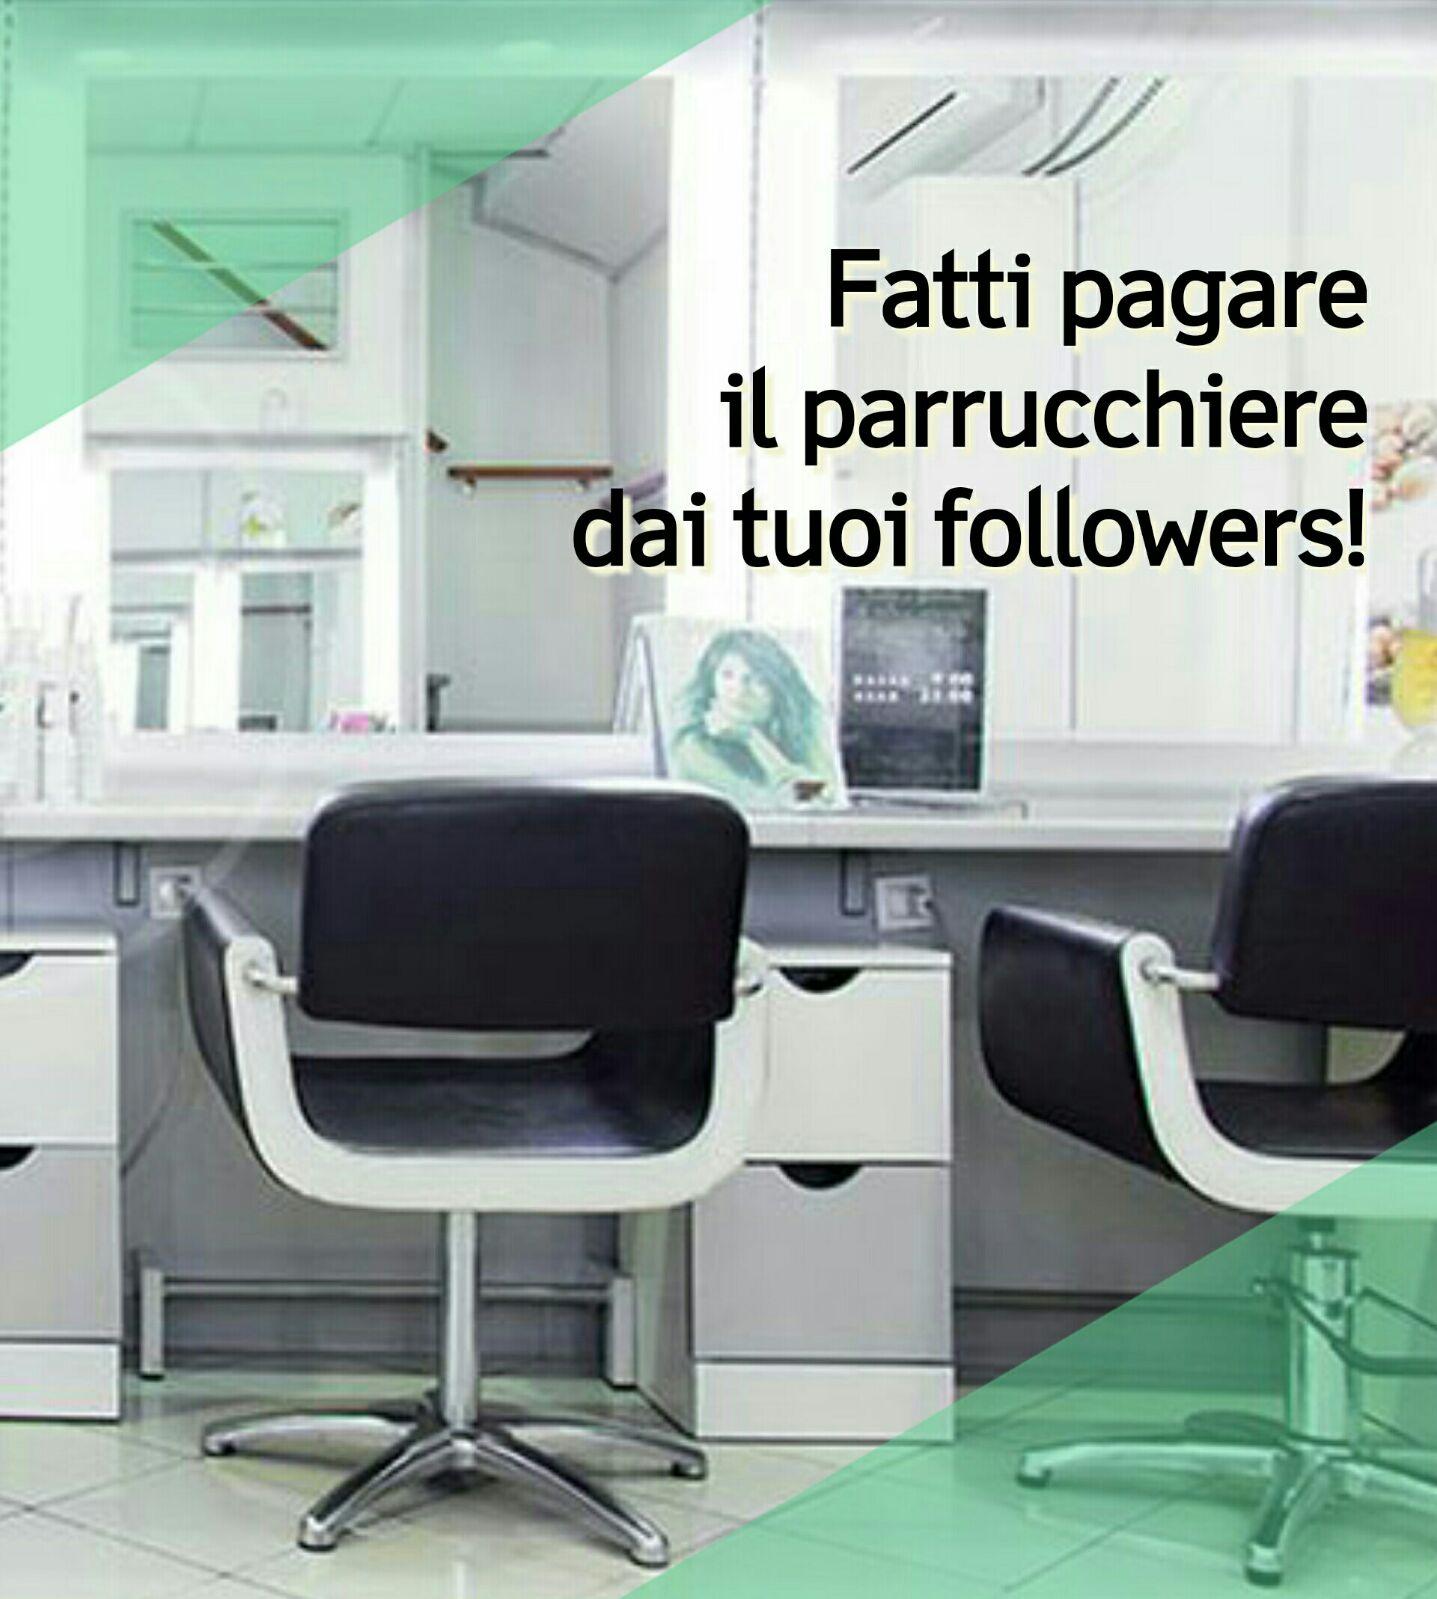 Fatti pagare il parrucchiere dai tuoi followers!